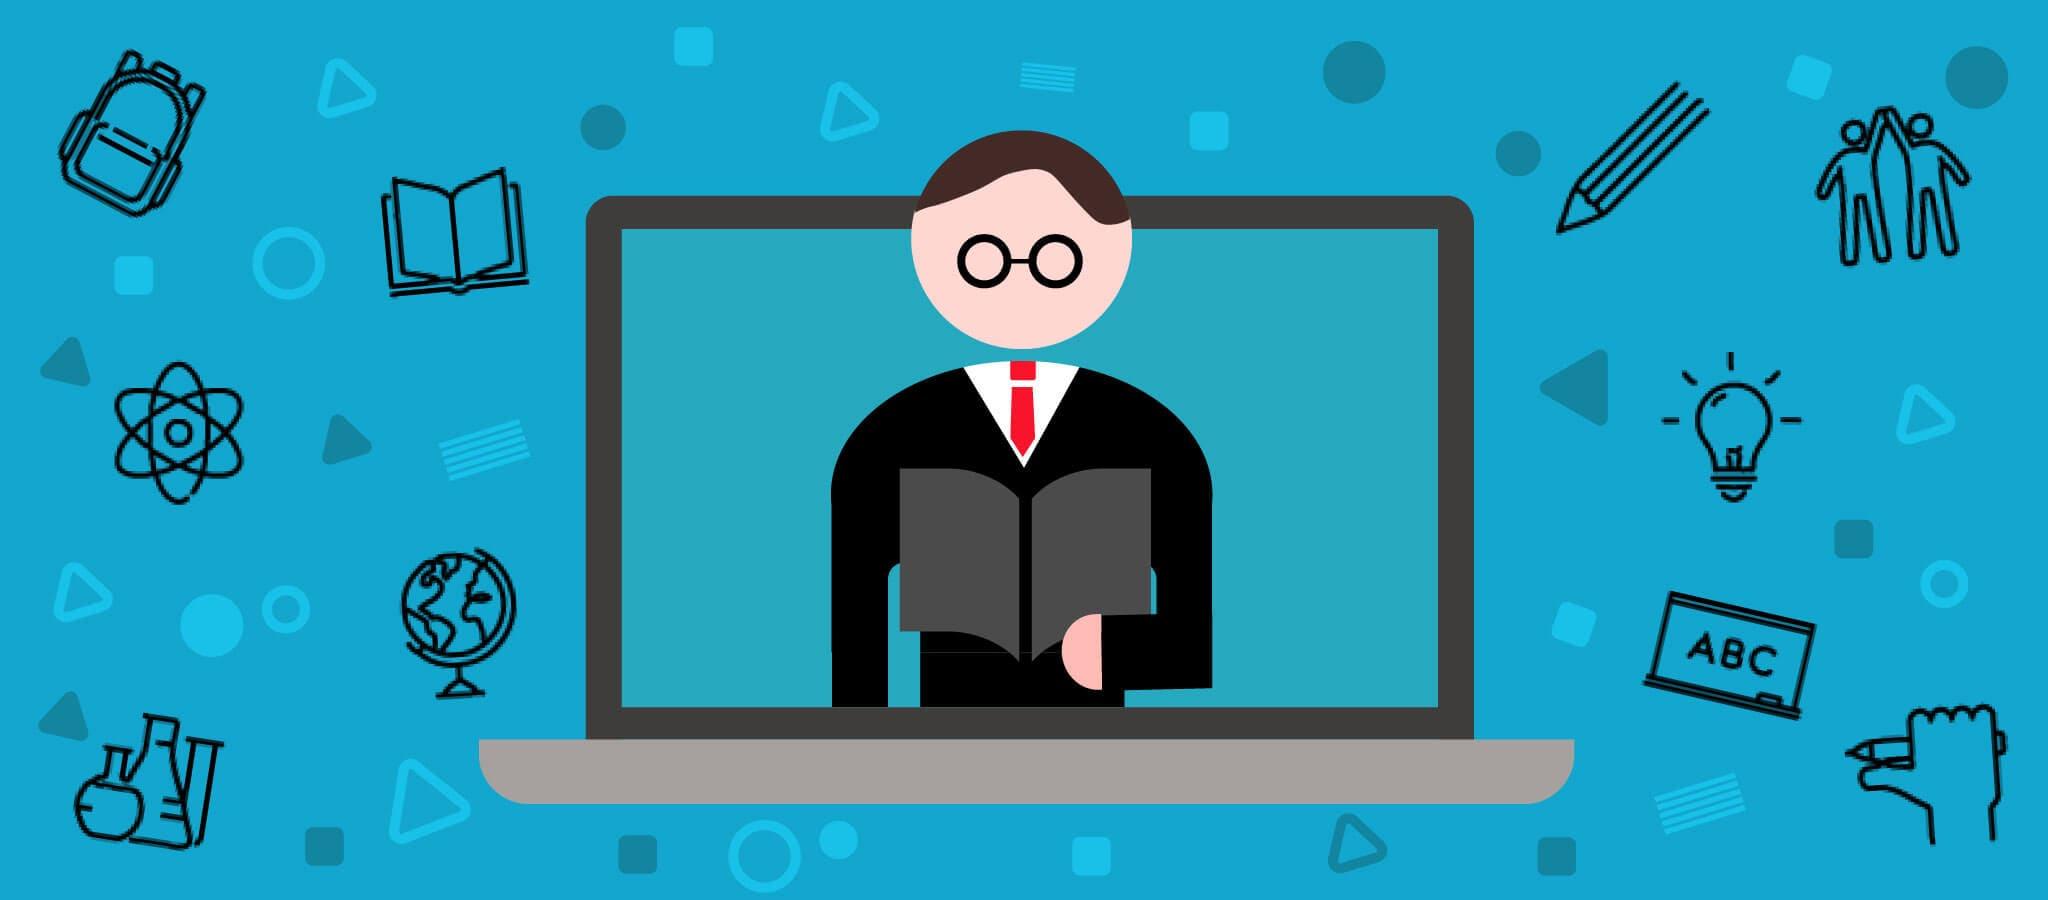 IT環境は整う一方、オンライン授業は課題多し